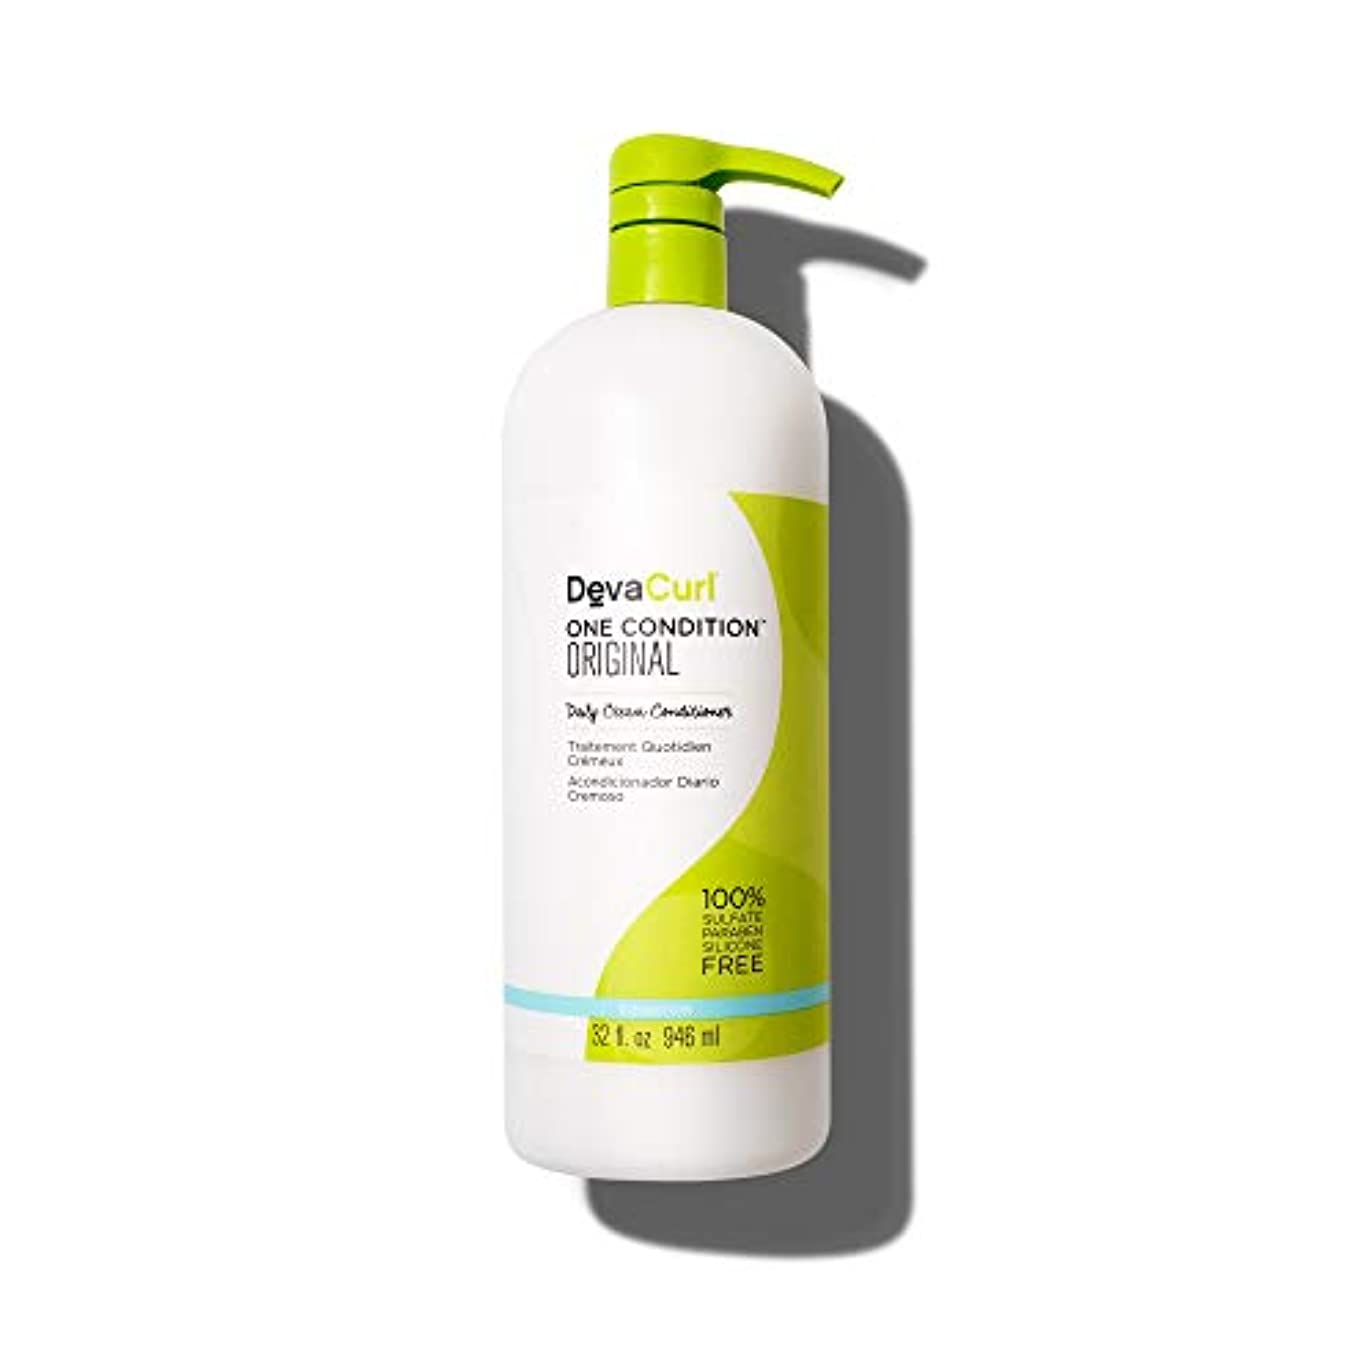 語殺しますグラスデヴァ One Condition Original (Daily Cream Conditioner - For Curly Hair) 946ml/32oz並行輸入品